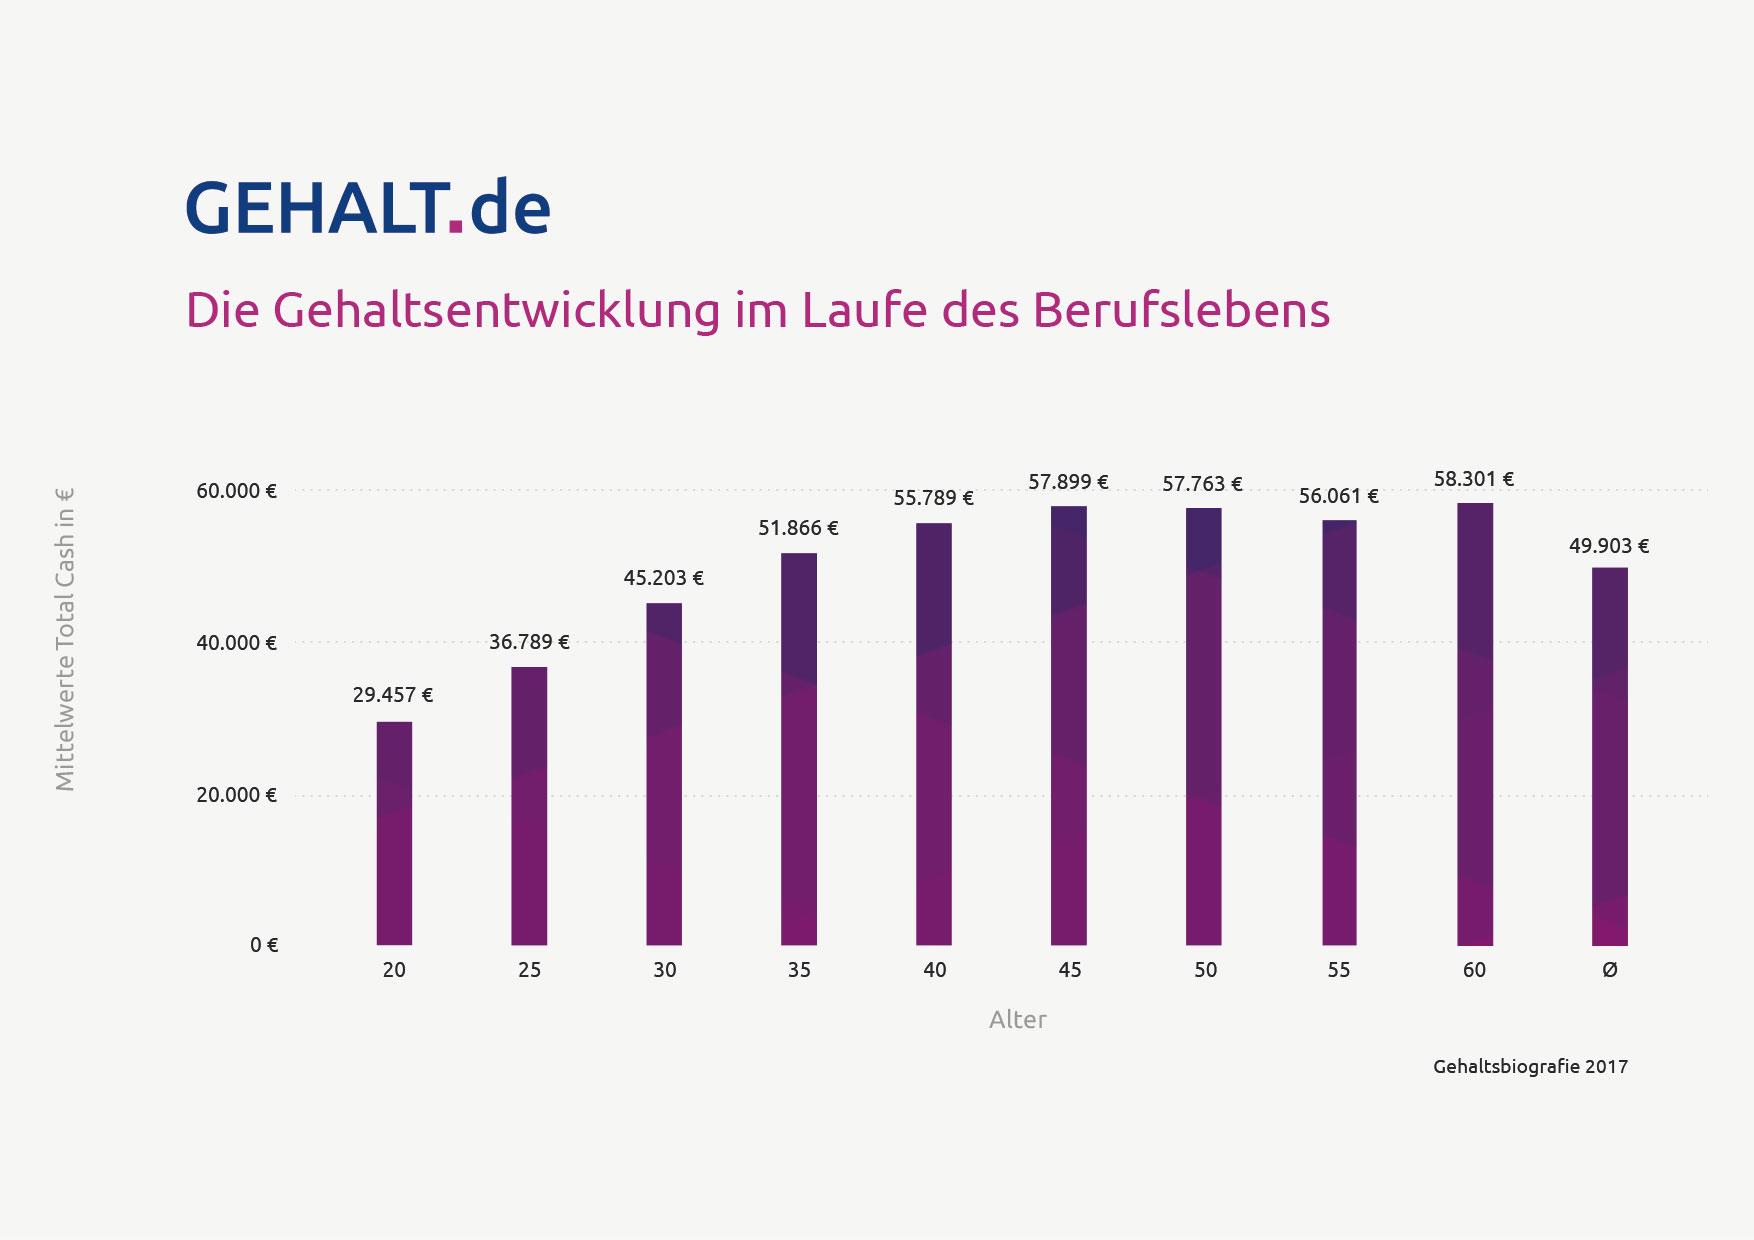 Gehaltsbiografie 2017: Gehaltserhöhungen nur bis 40 Jahre?